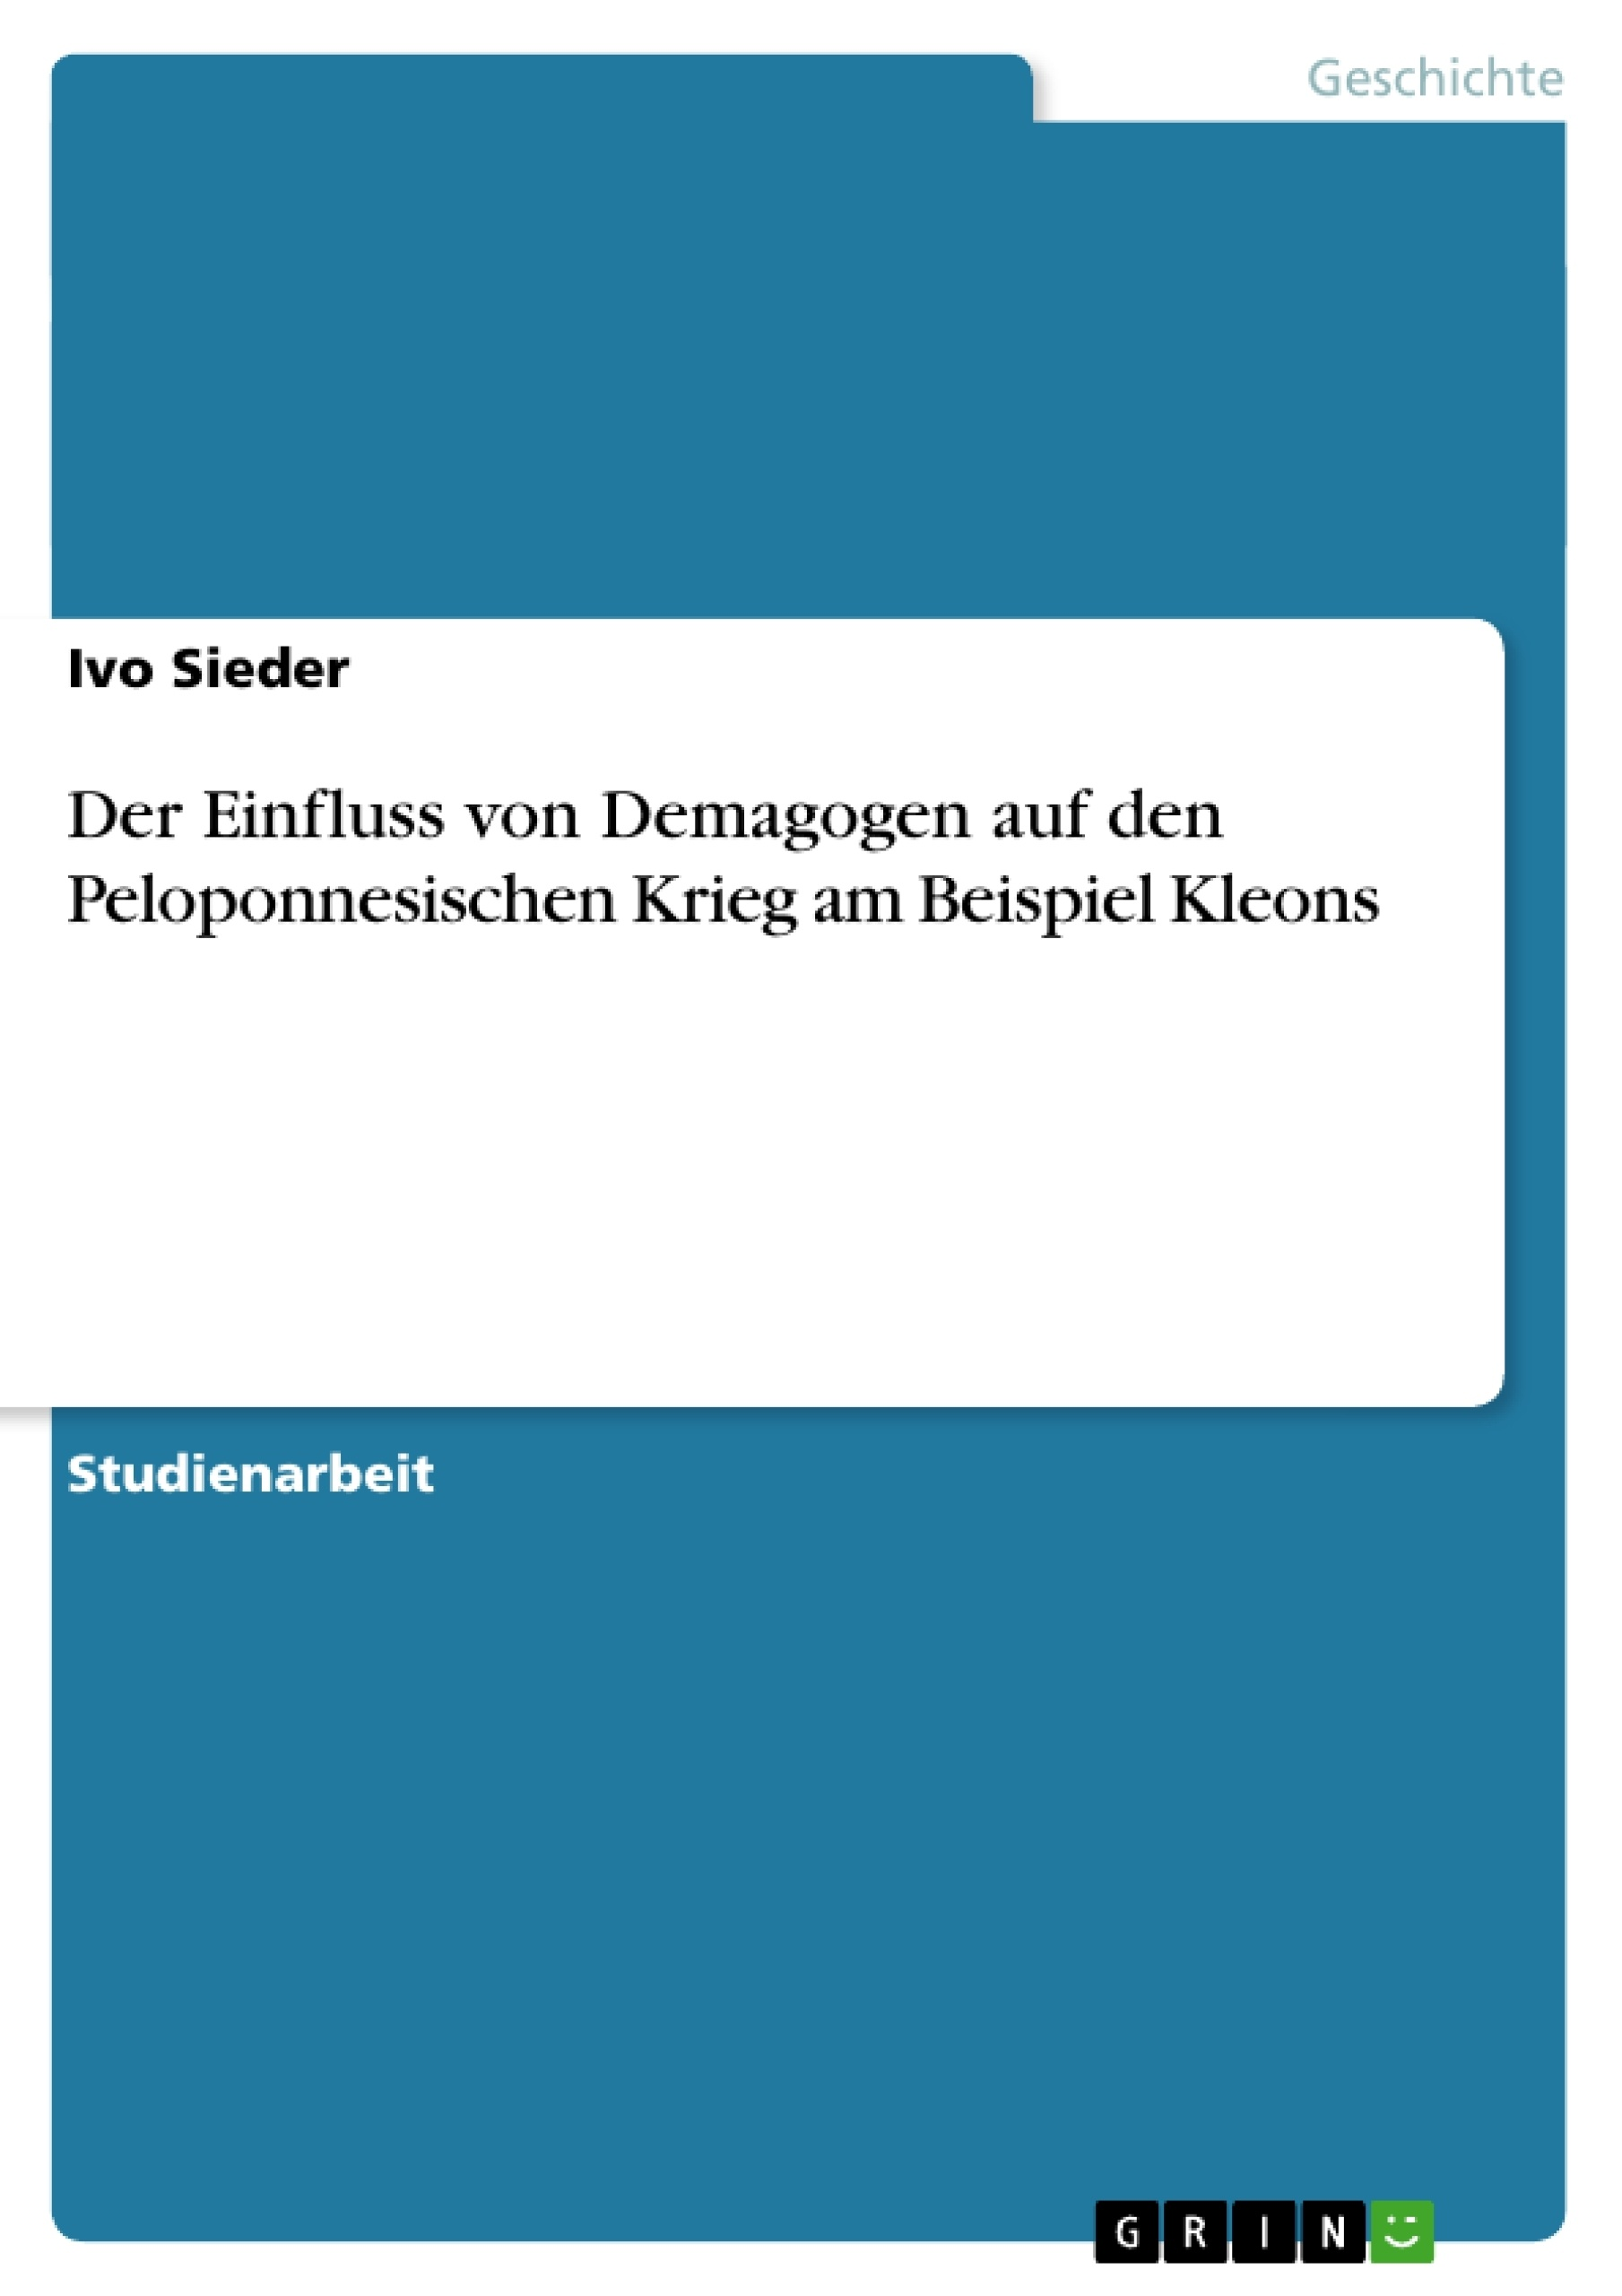 Titel: Der Einfluss von Demagogen auf den Peloponnesischen Krieg am Beispiel Kleons